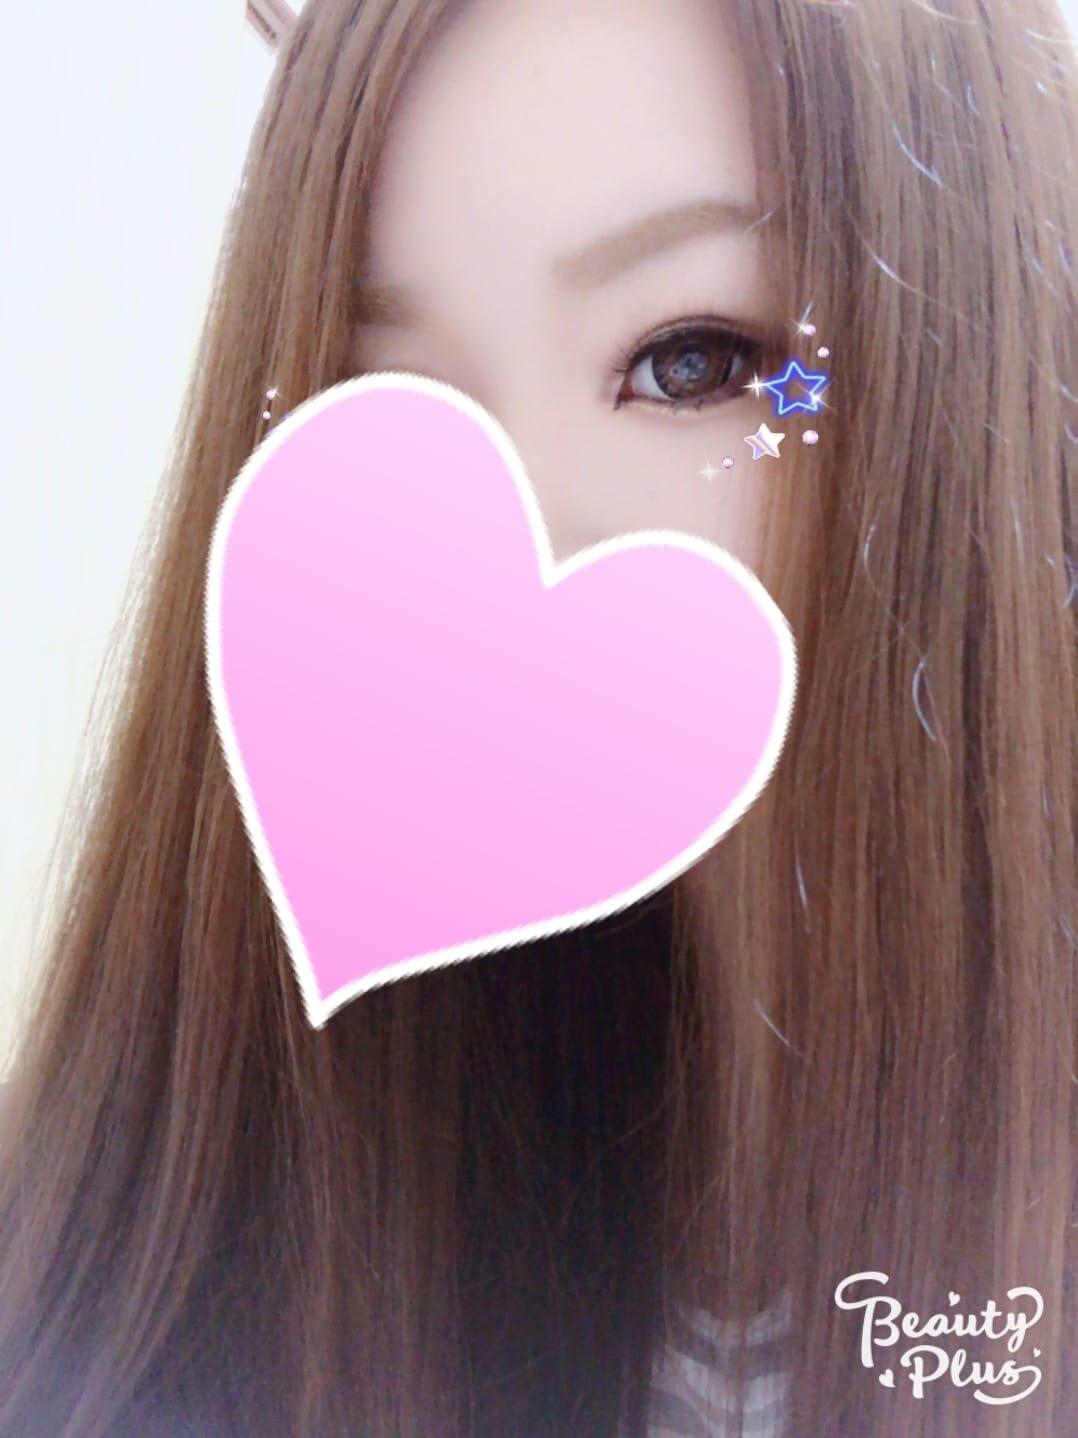 玲衣「ありがと」01/22(月) 02:57   玲衣の写メ・風俗動画